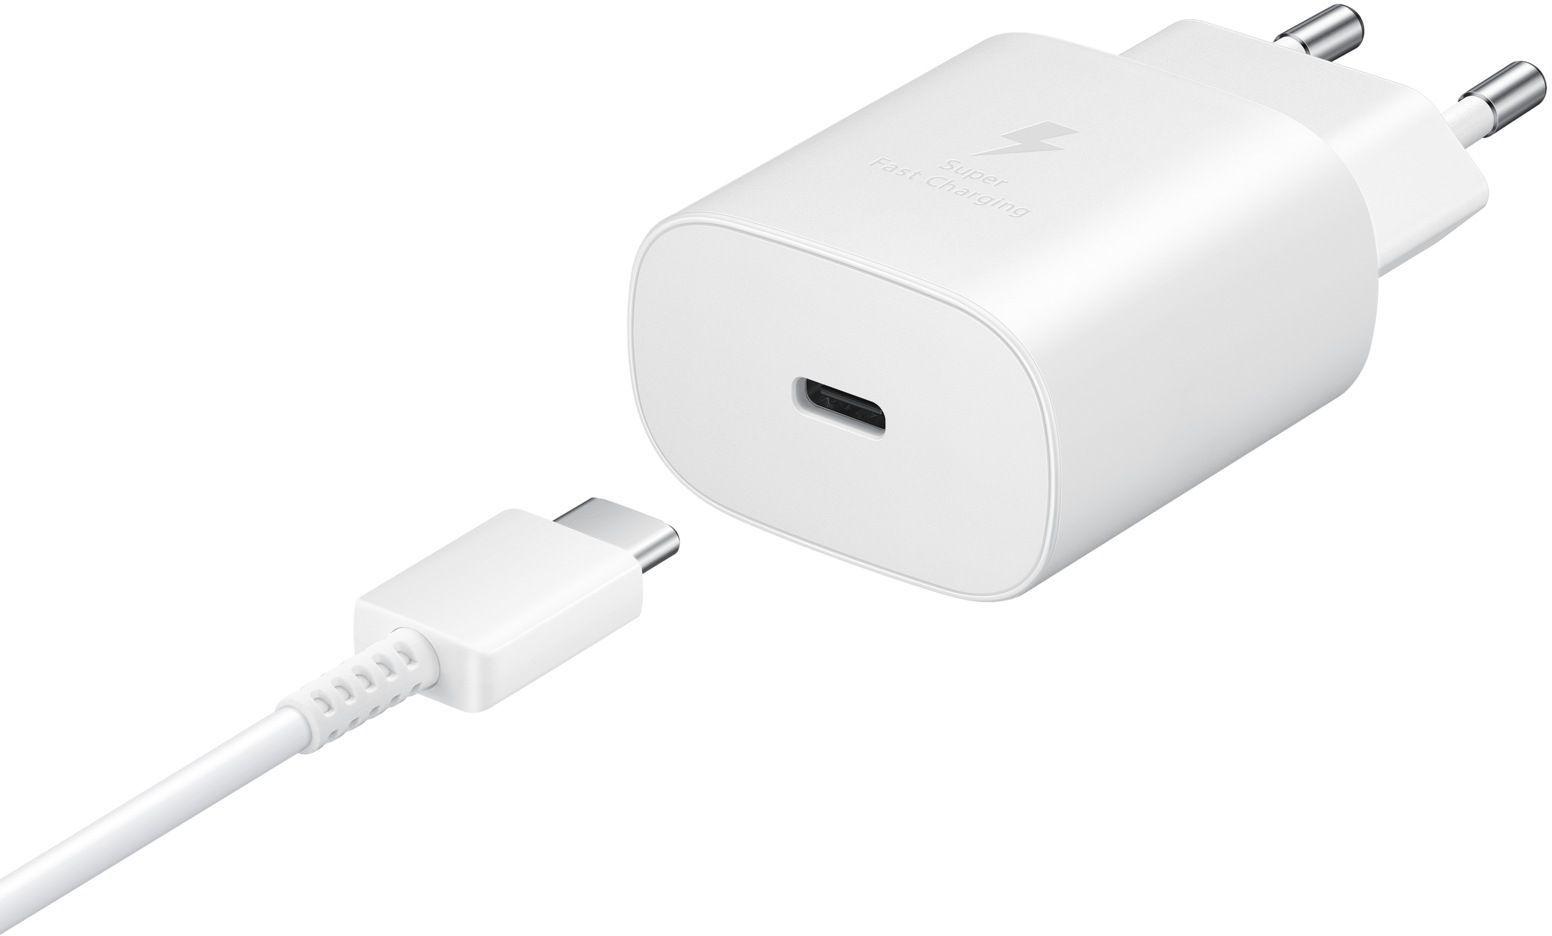 Сетевое зарядное устройство Samsung (EP-TA800XWEGRU) White от Територія твоєї техніки - 3